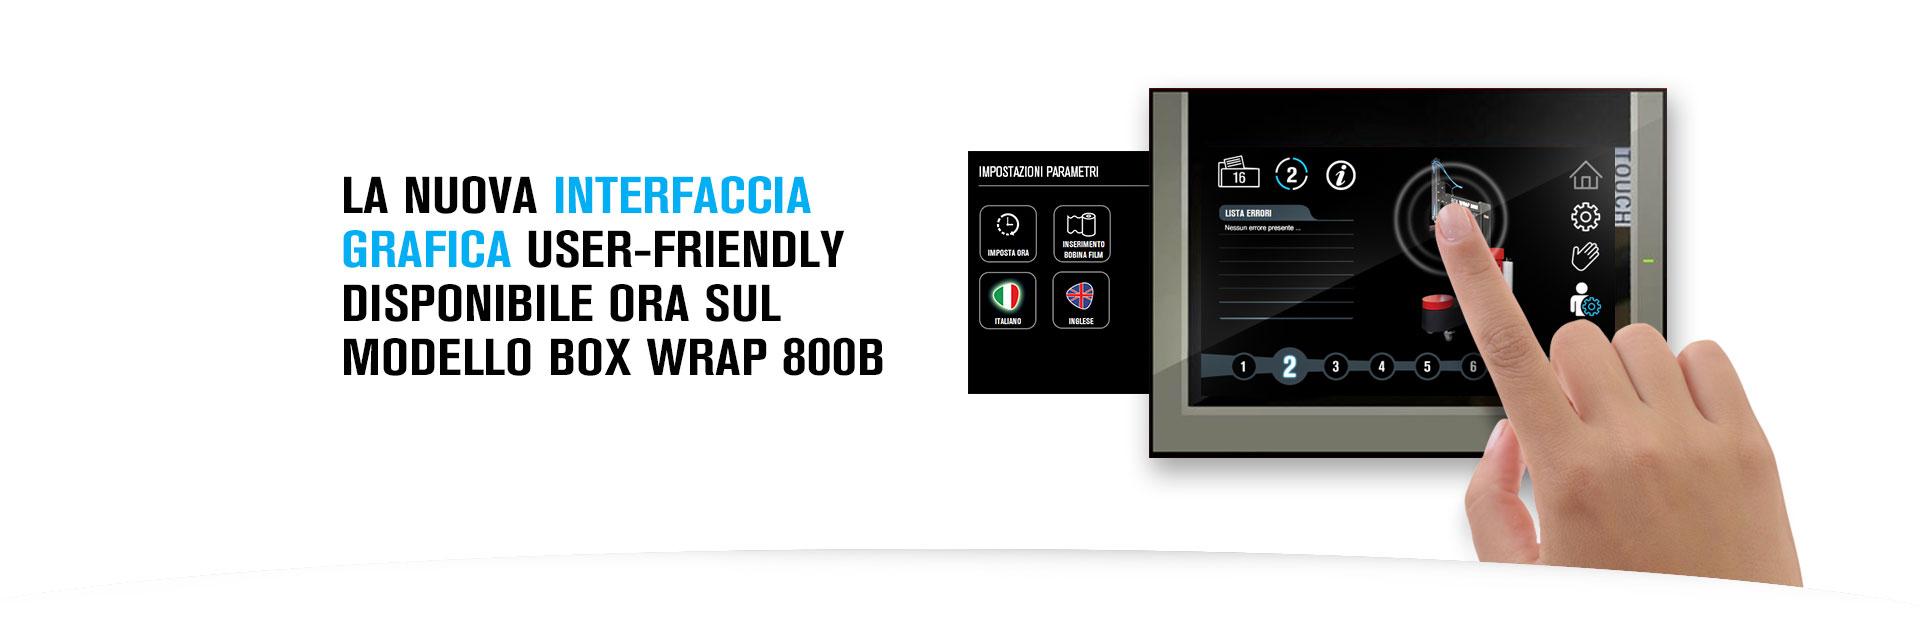 La nuova interfaccia dell'avvolgitore Box Wrap 800B